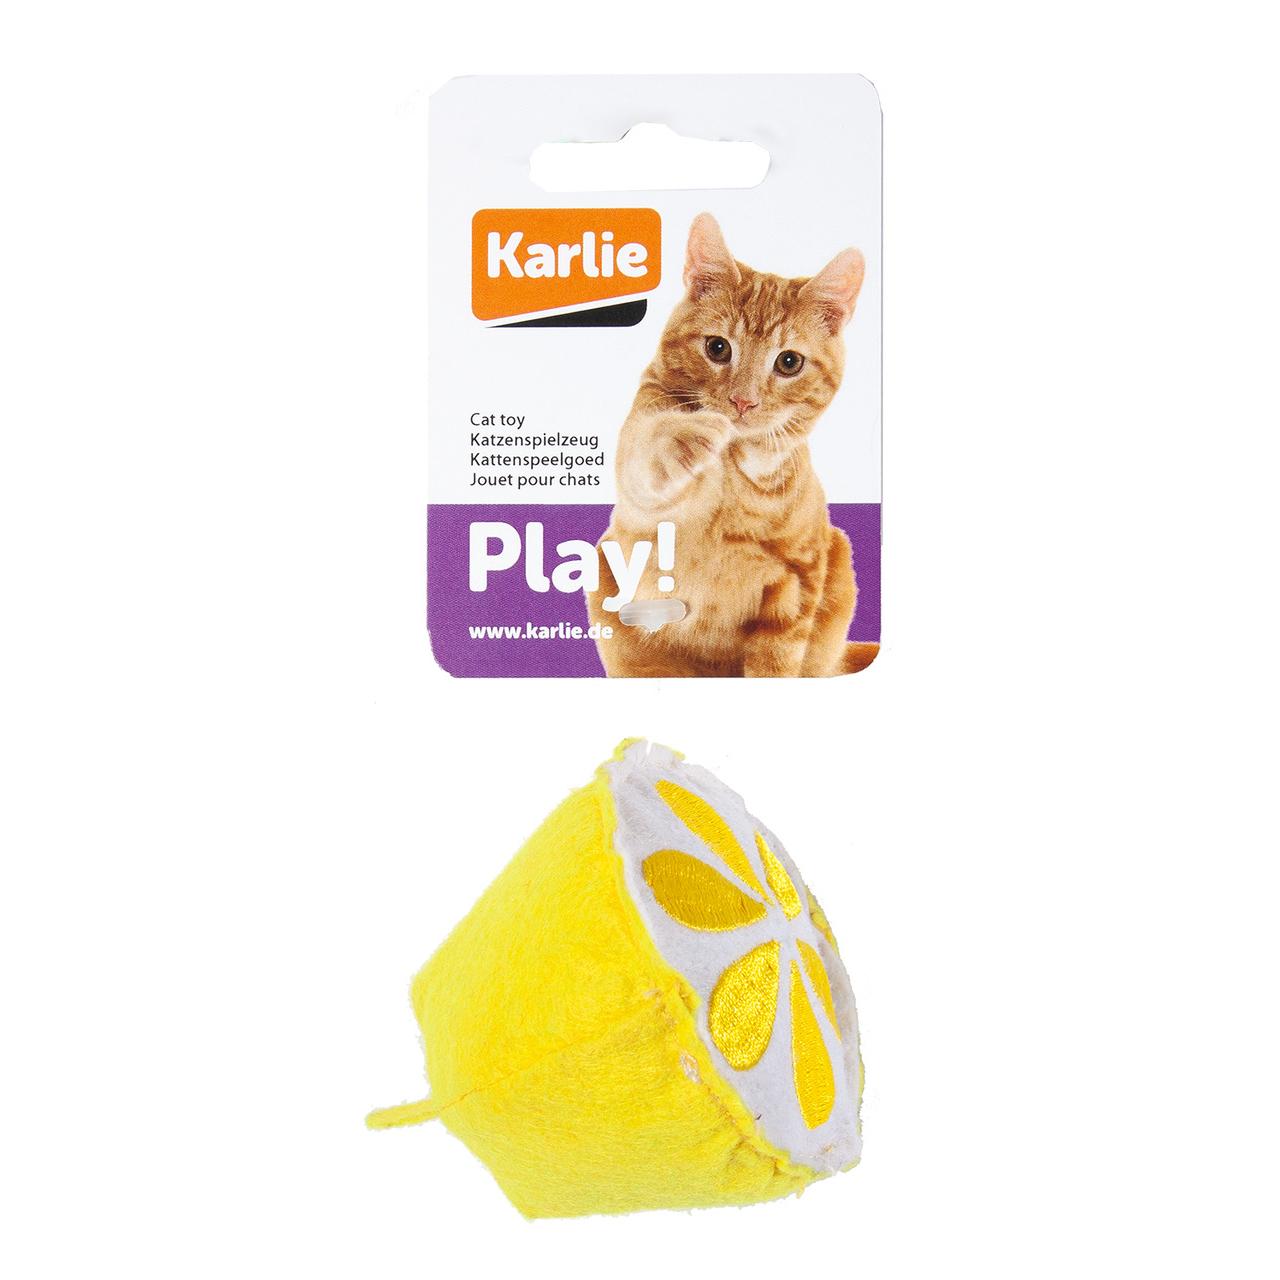 Karlie Katzenspielzeug aus Textil, Bild 2